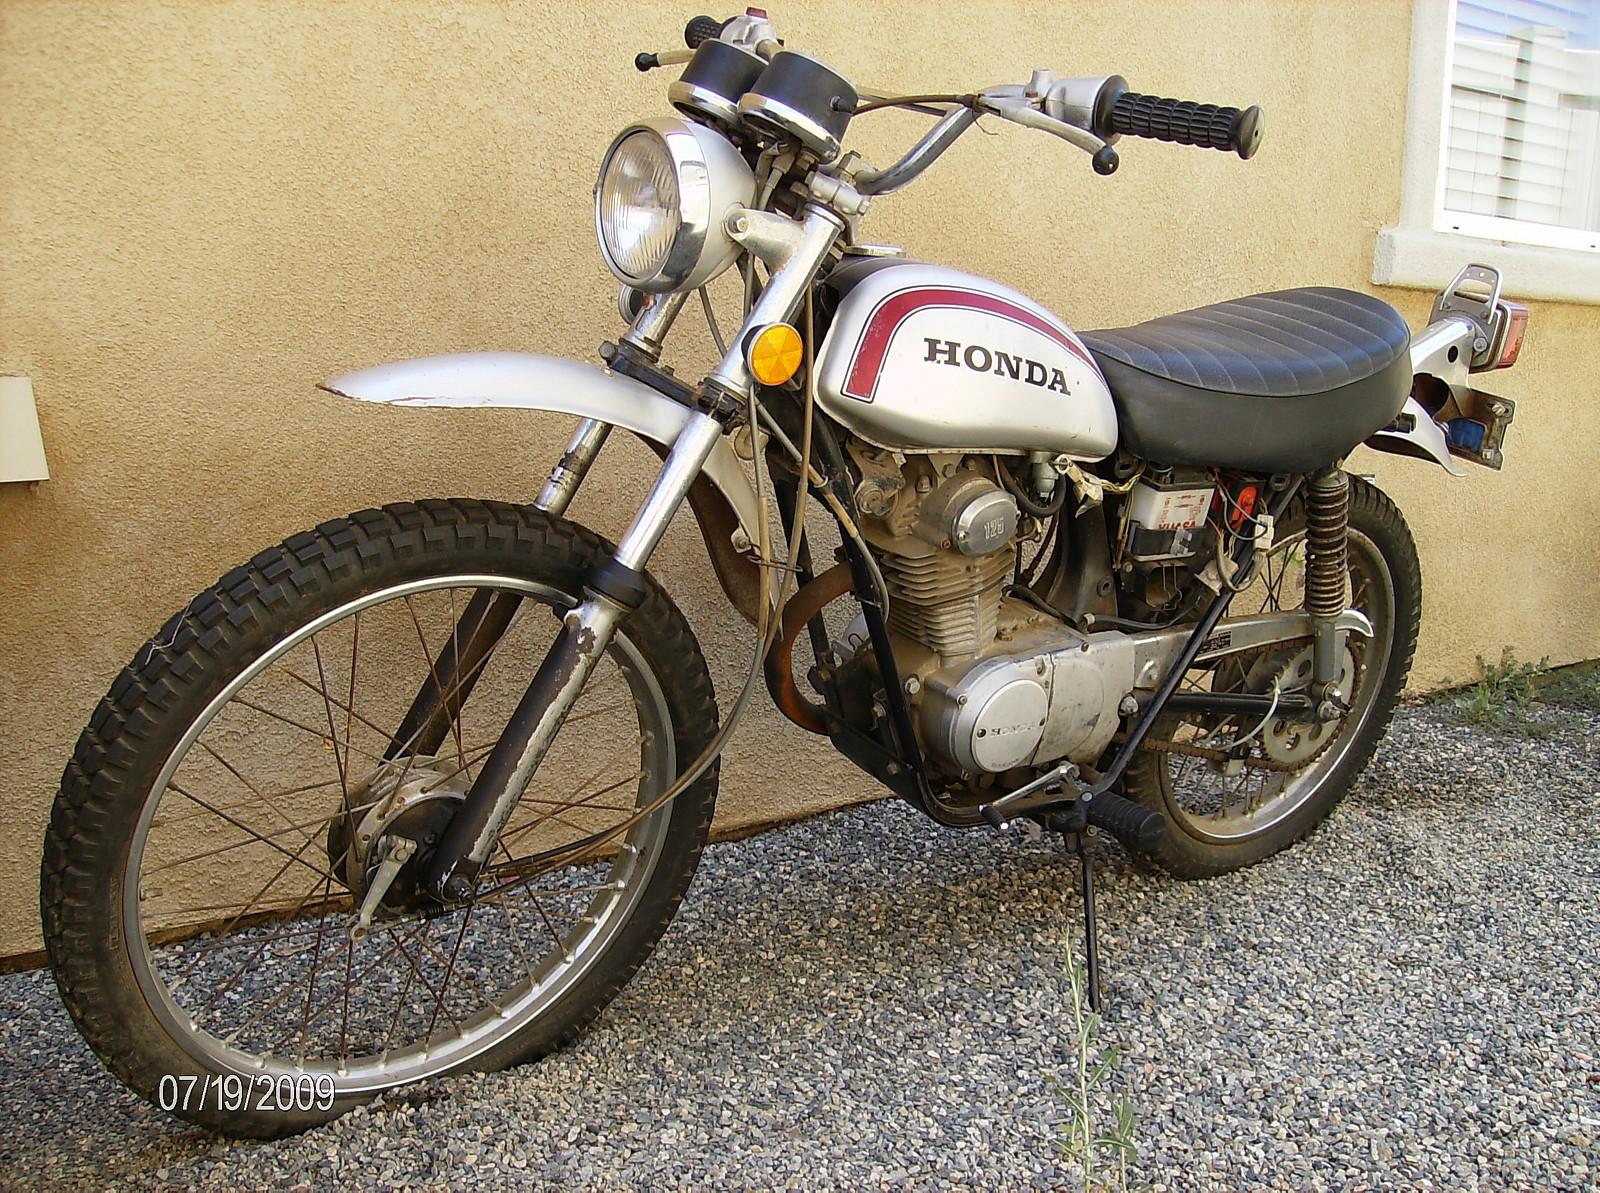 1973 Honda SL125 in 2009 so cal - racerxusa - Motocross Pictures - Vital MX